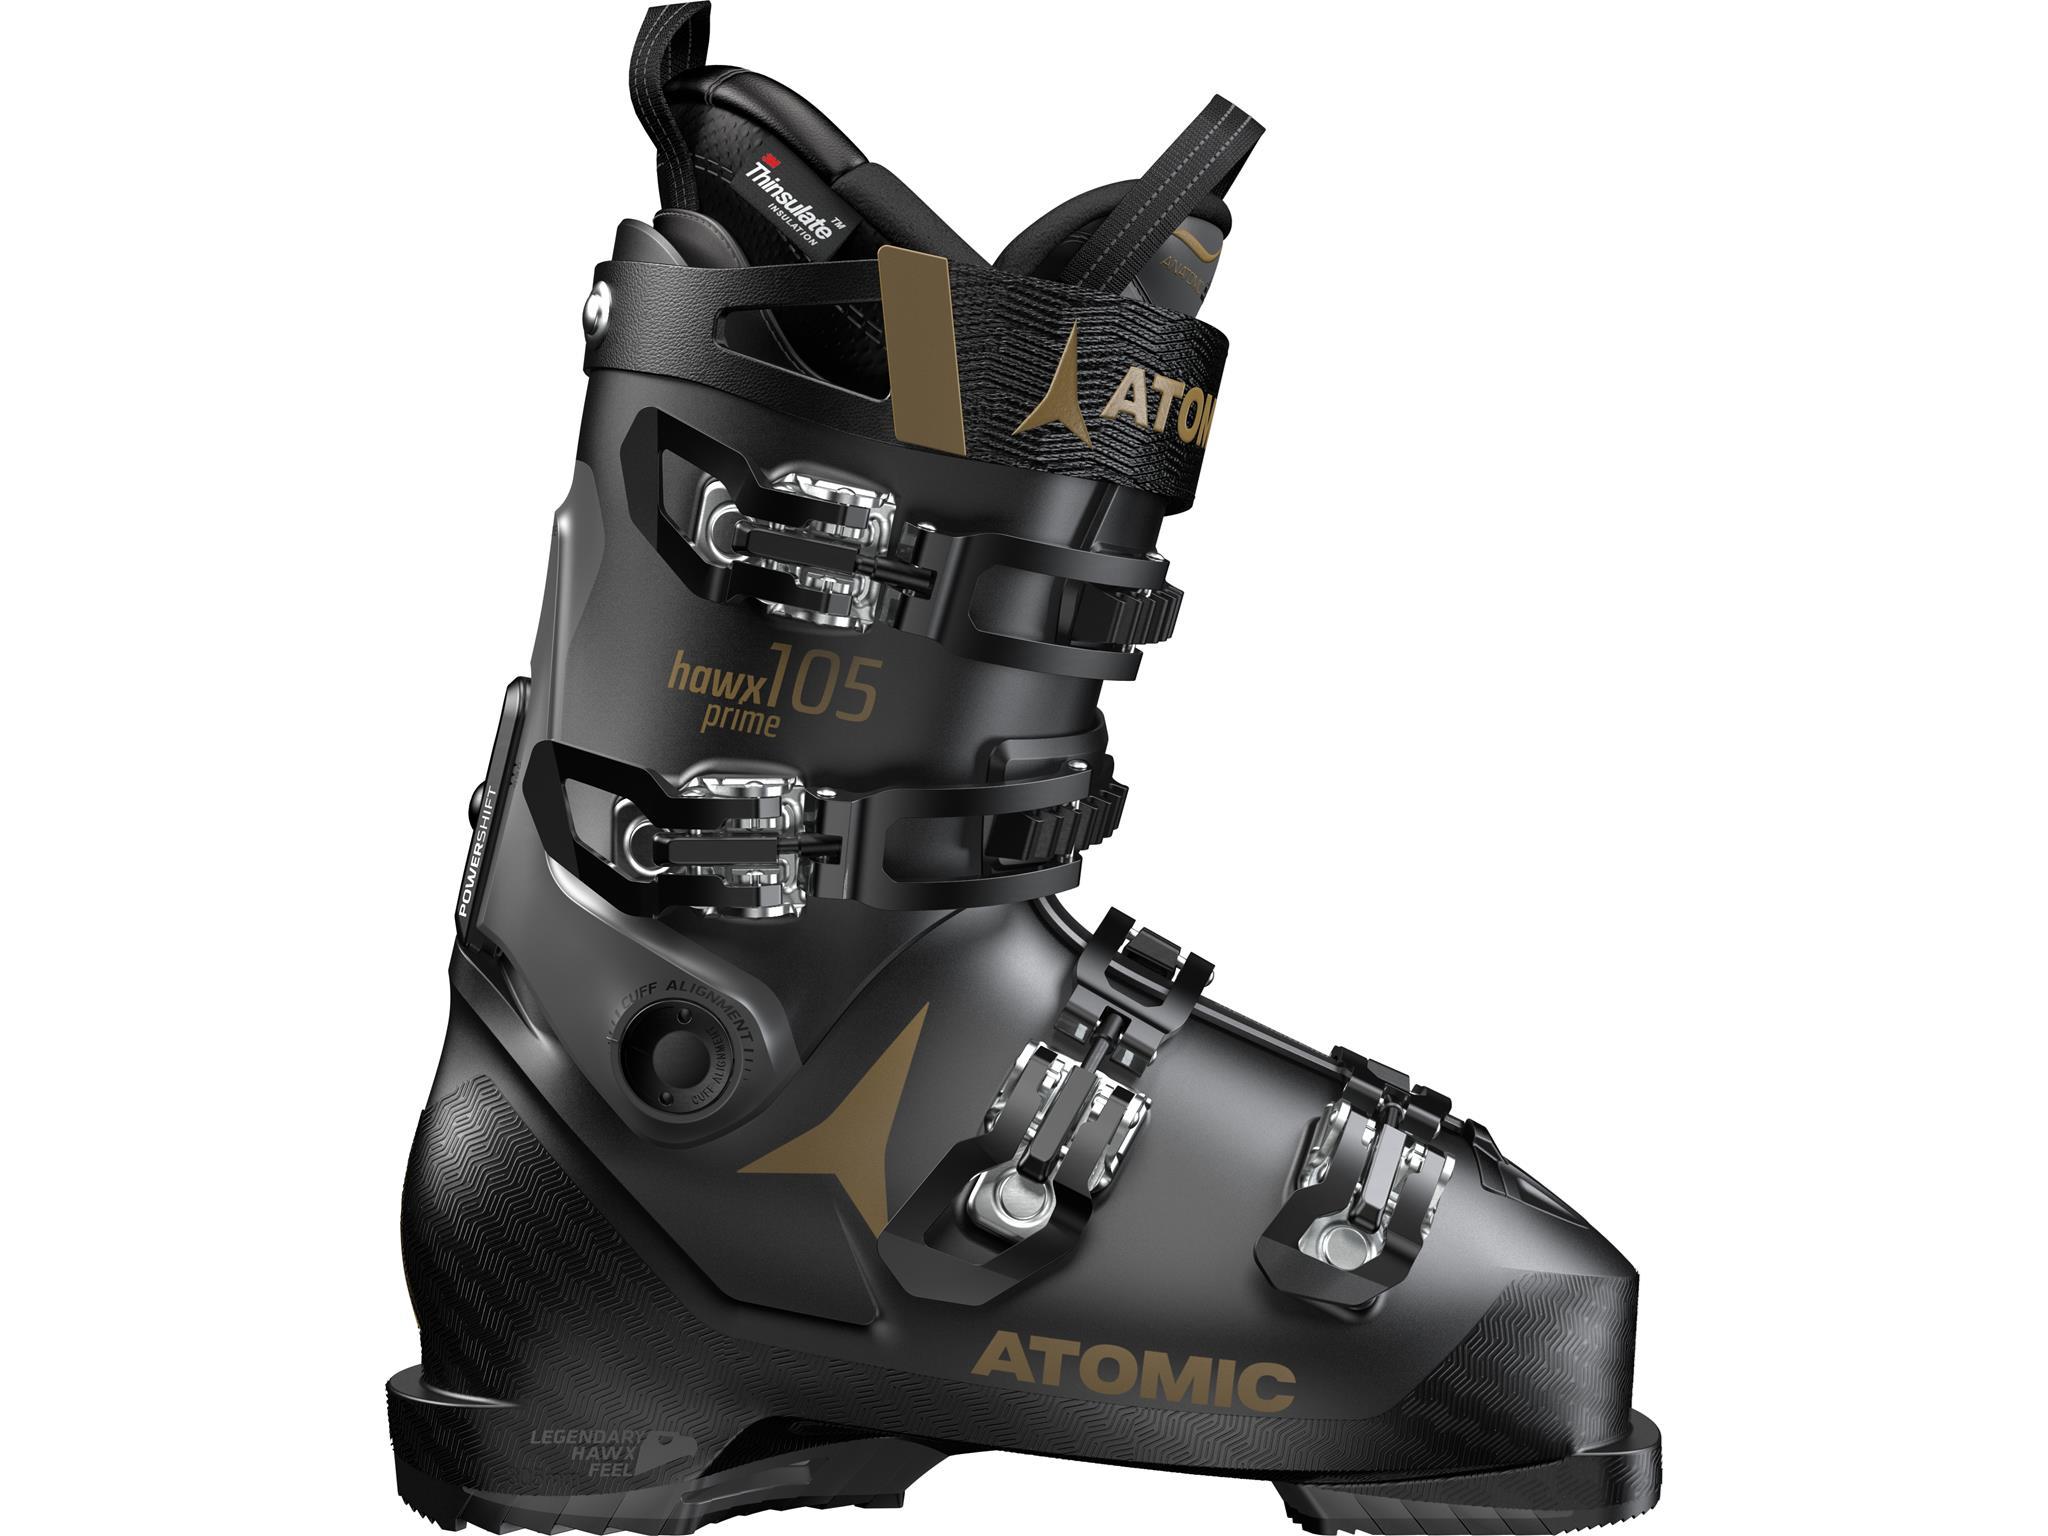 8c15de71c Buty narciarskie Atomic Hawx Prime 105 S W - Sklep internetowy ...